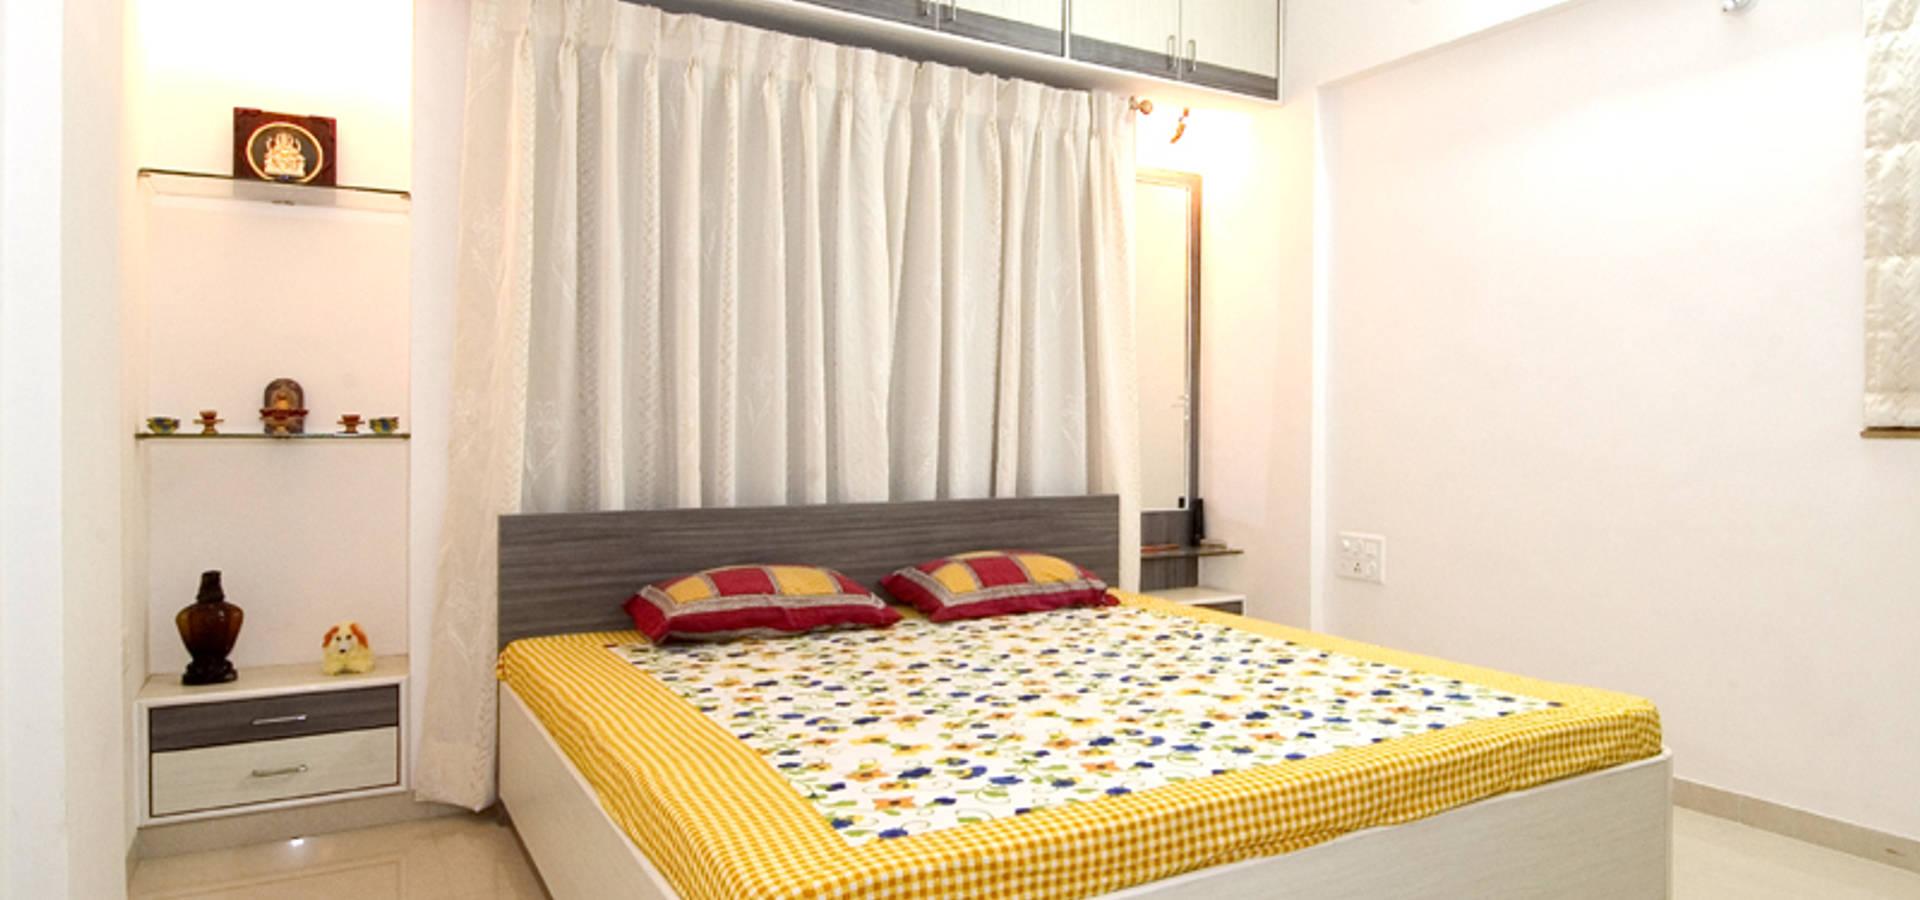 Samruddhi Interiors